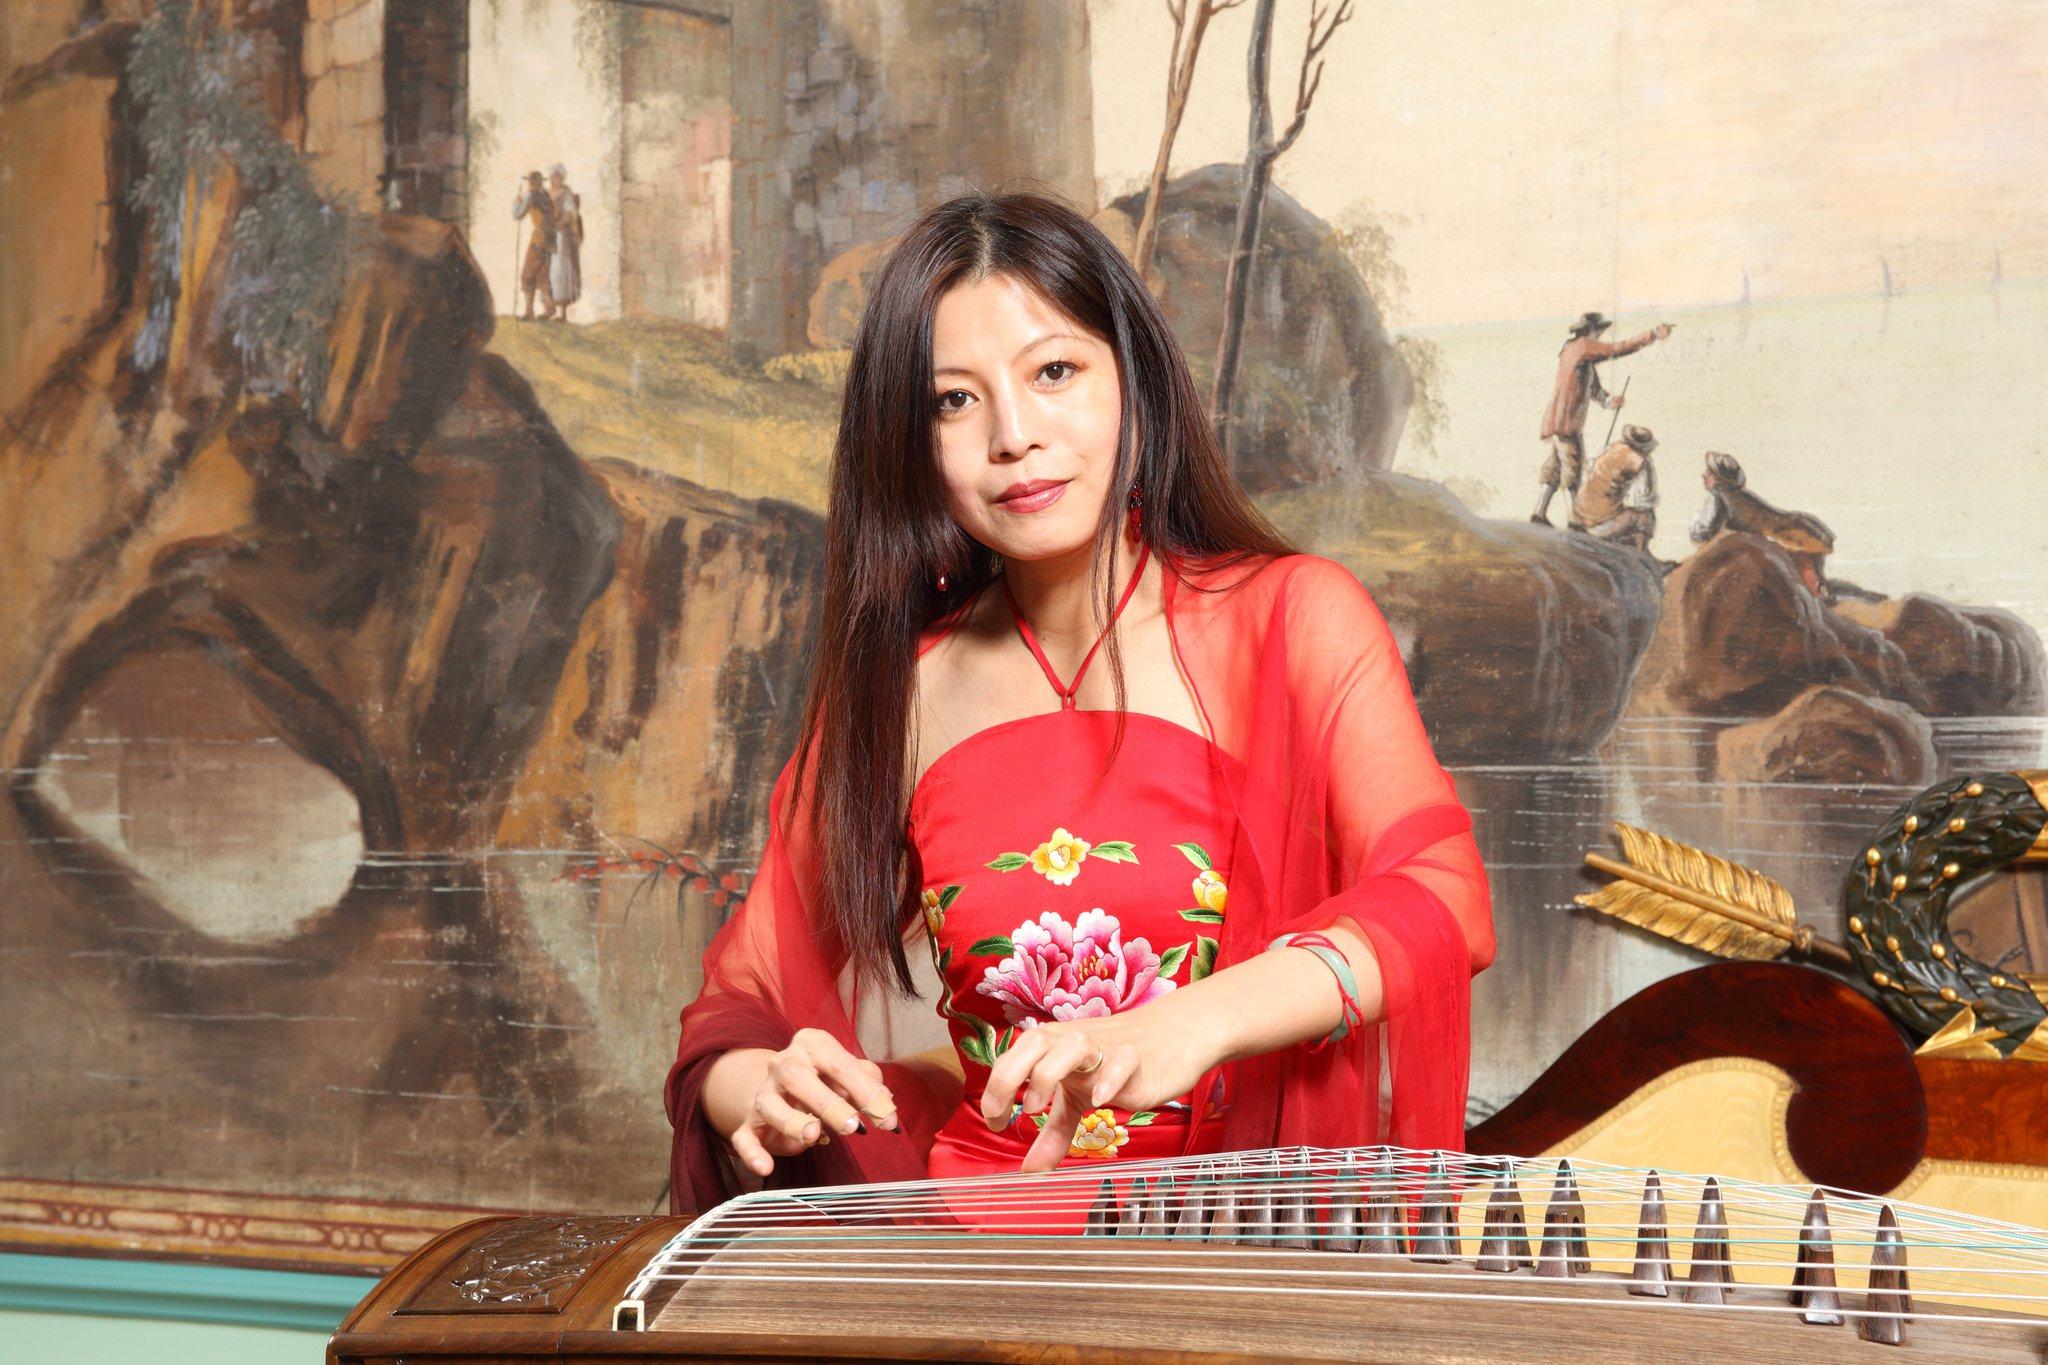 Oriente Nas Virtudes - Concerto Artista Lu Yanan